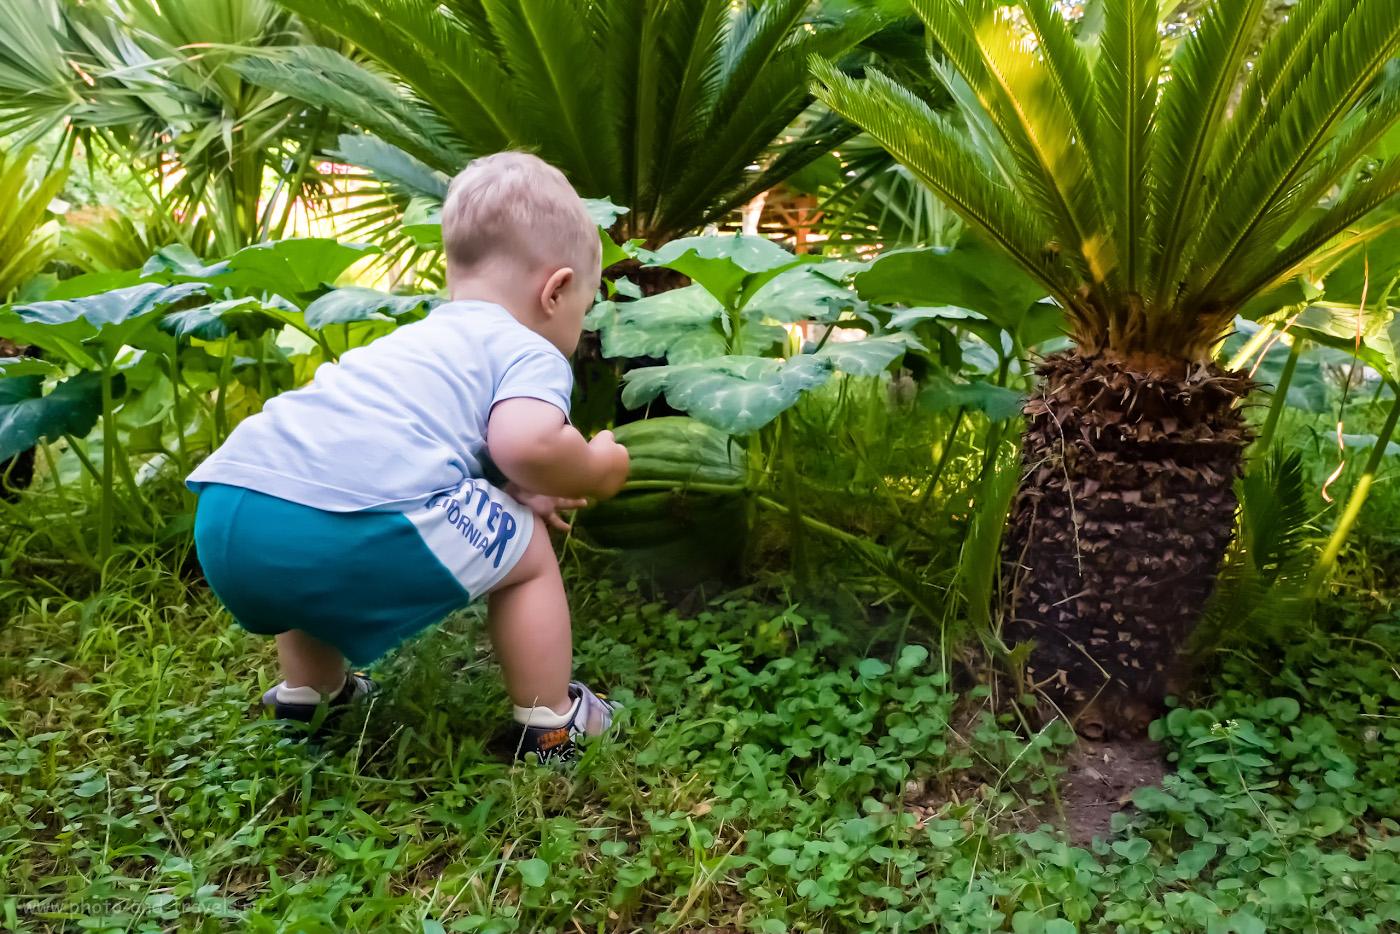 Фотография 10. Сын впервые увидел, как растет тыква. Отзыв об отдыхе в Турции самостоятельно. 1/240, 8.0, 6400, 16.